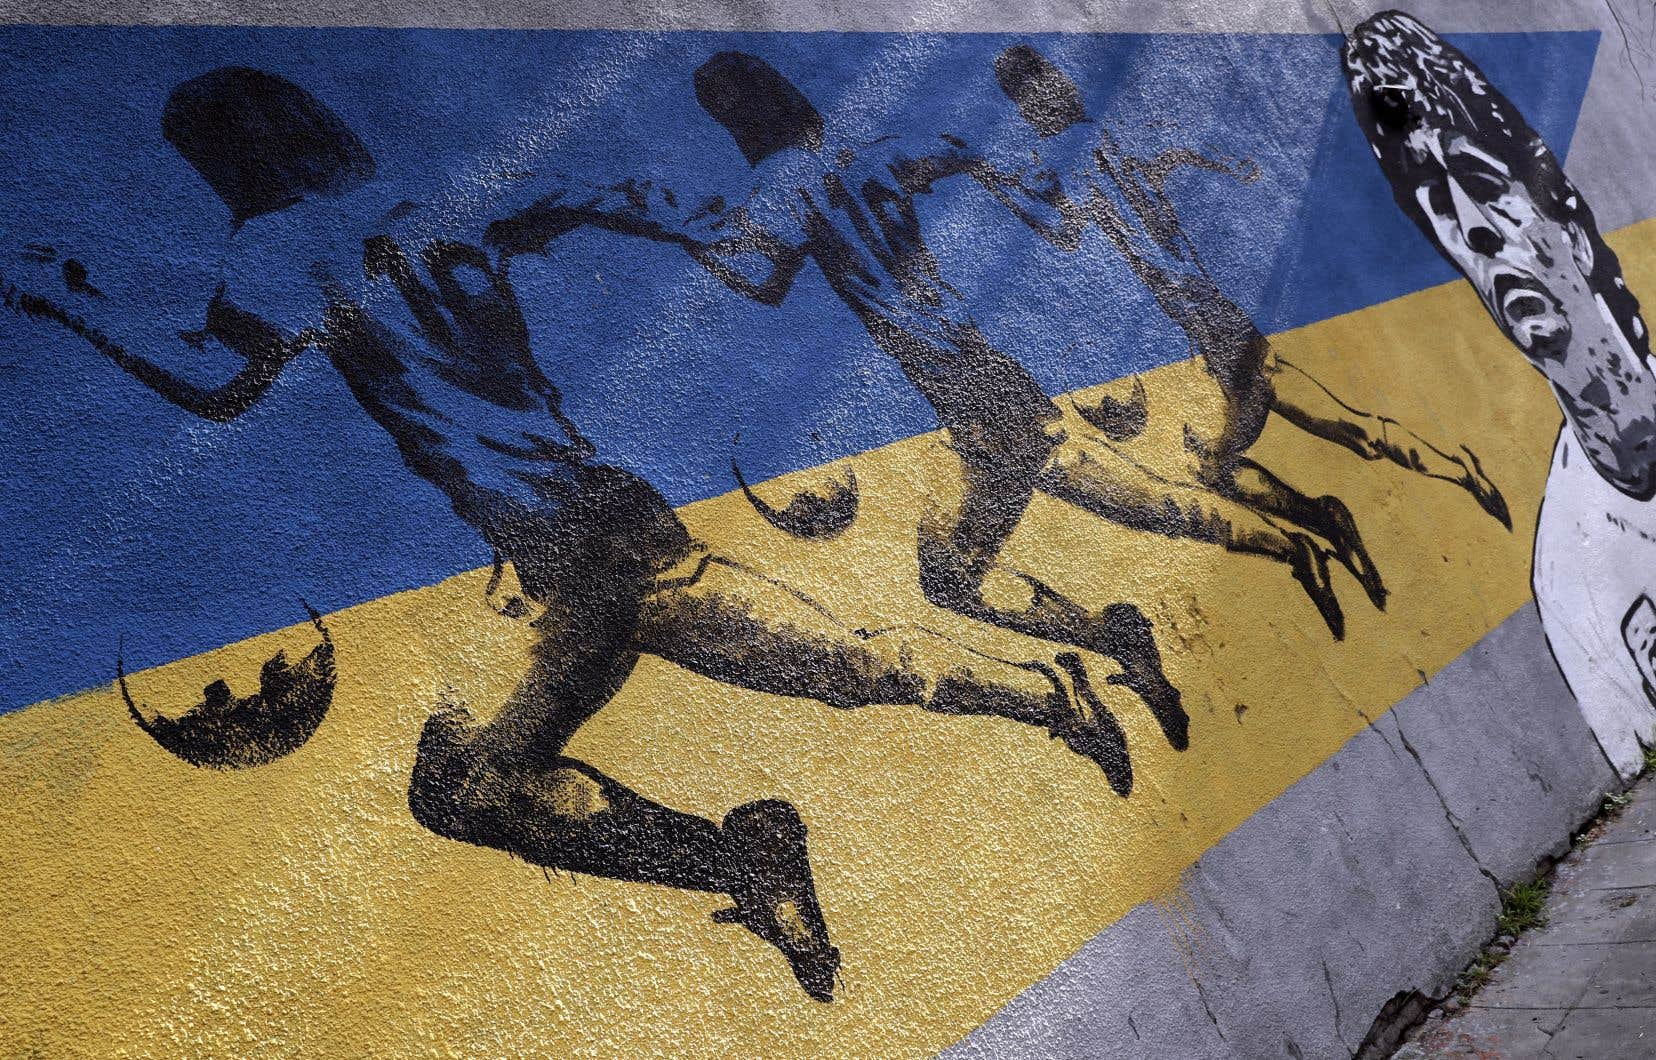 Une murale dépeint Diego Maradona dans le quartier La Boca, à Buenos Aires.